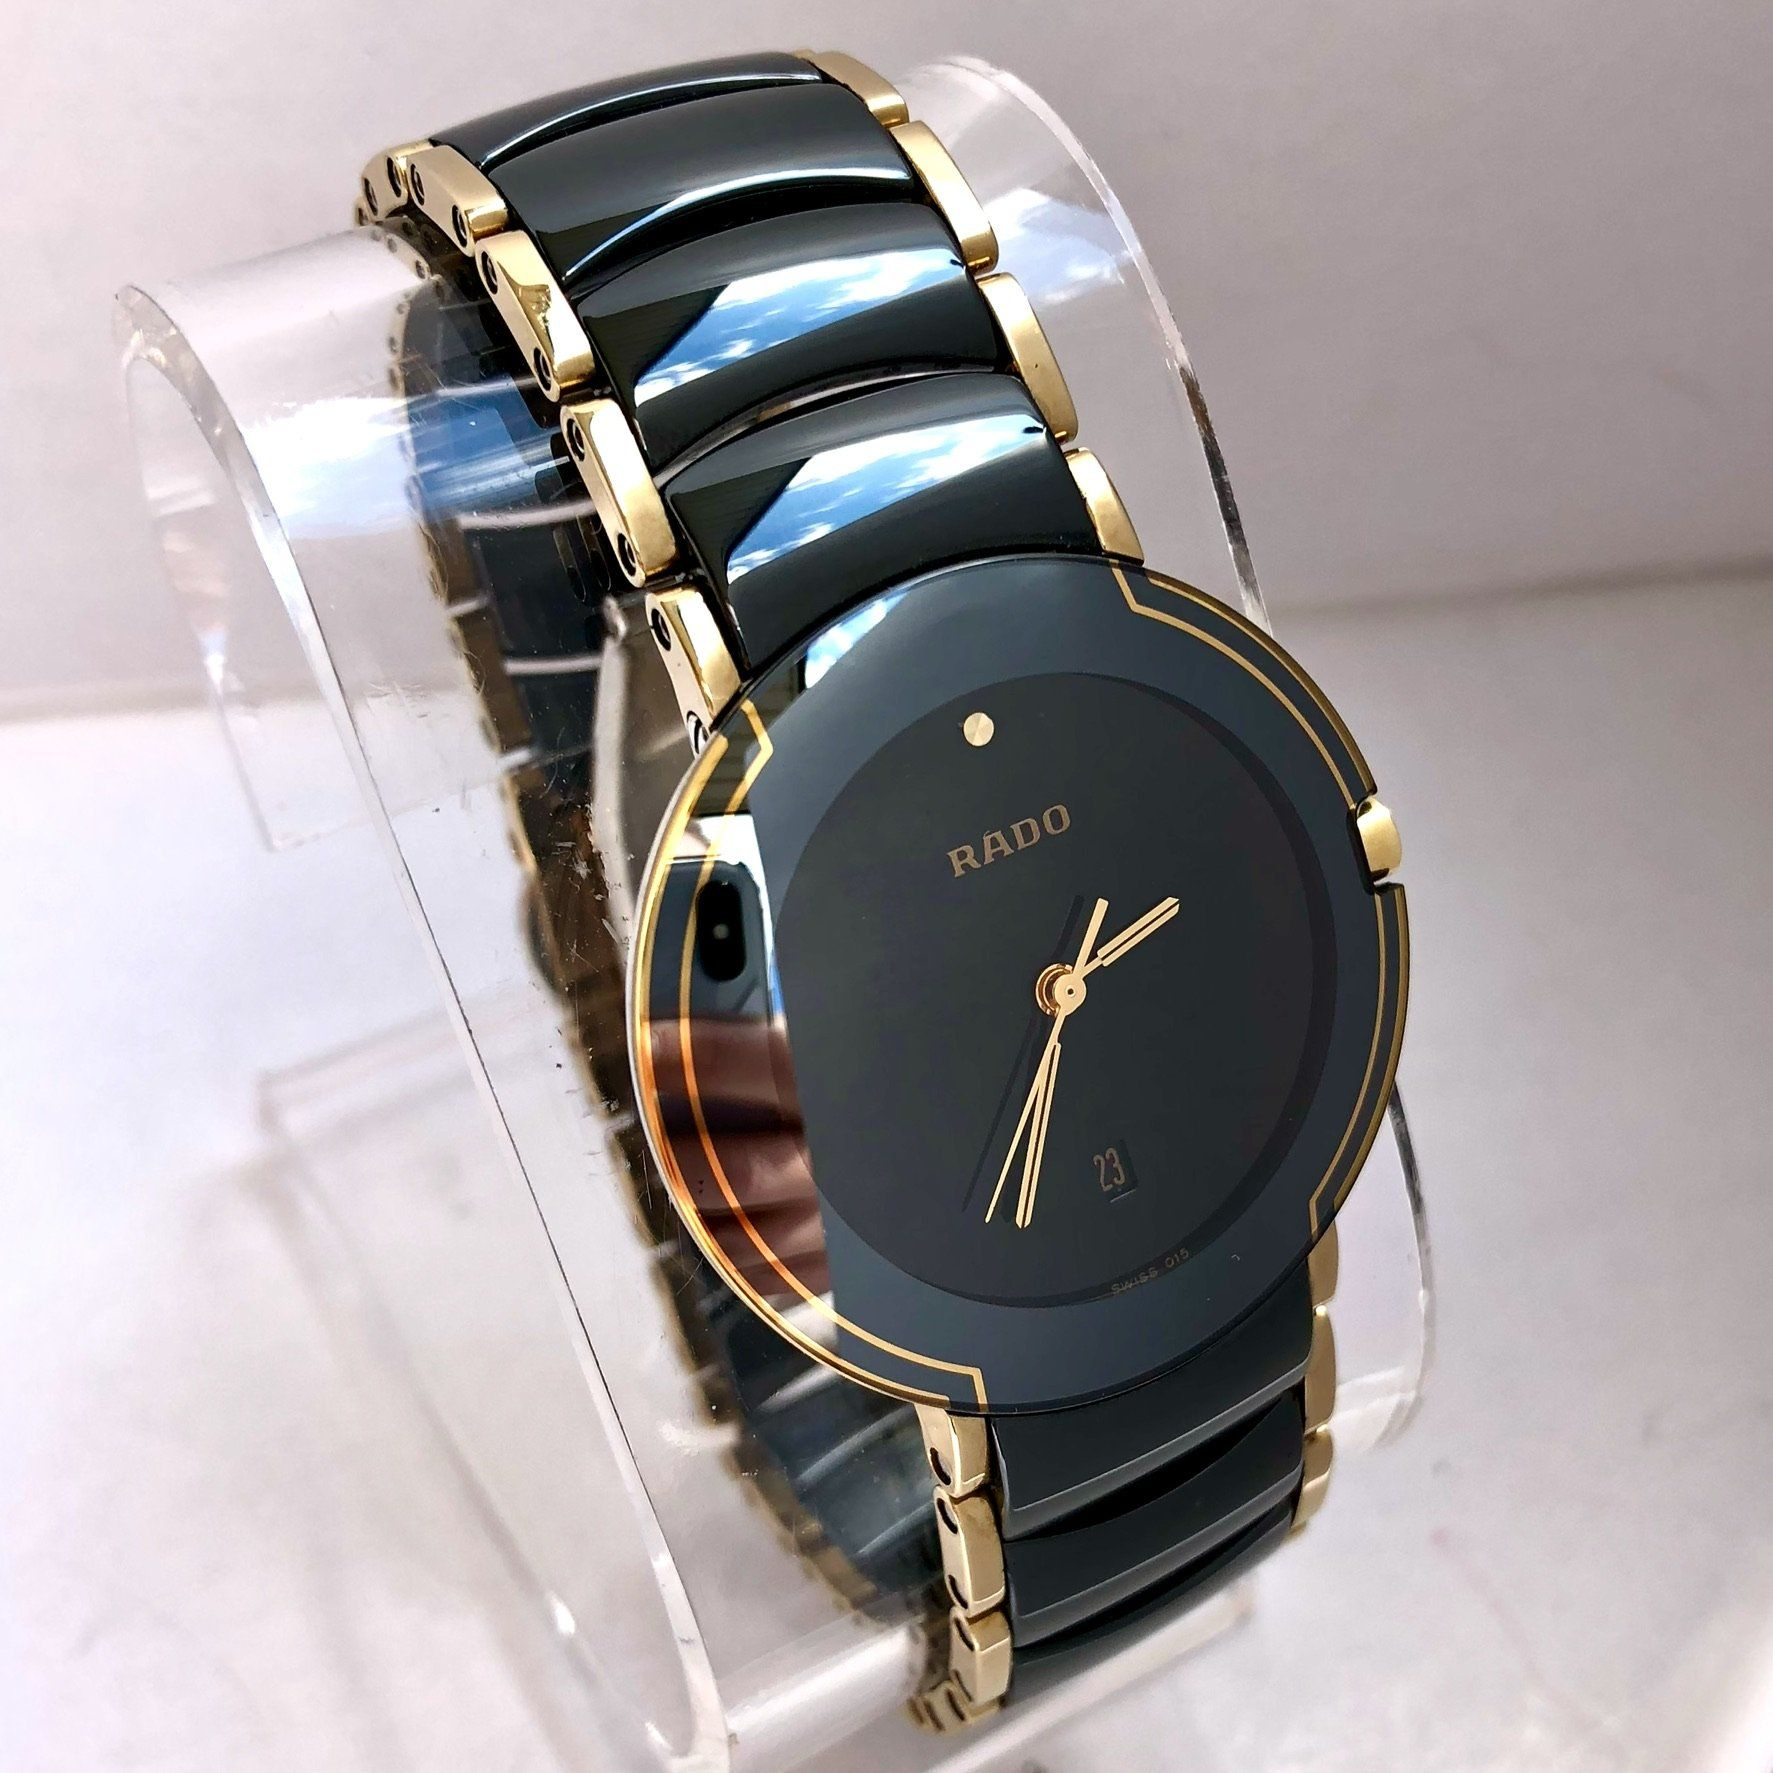 Rado Diastar Date Quartz 18k Gold Filled Steel High Tech Ceramics Men S Unisex Watch Luxury Watches For Men Timex Watches Mens Watches Classy